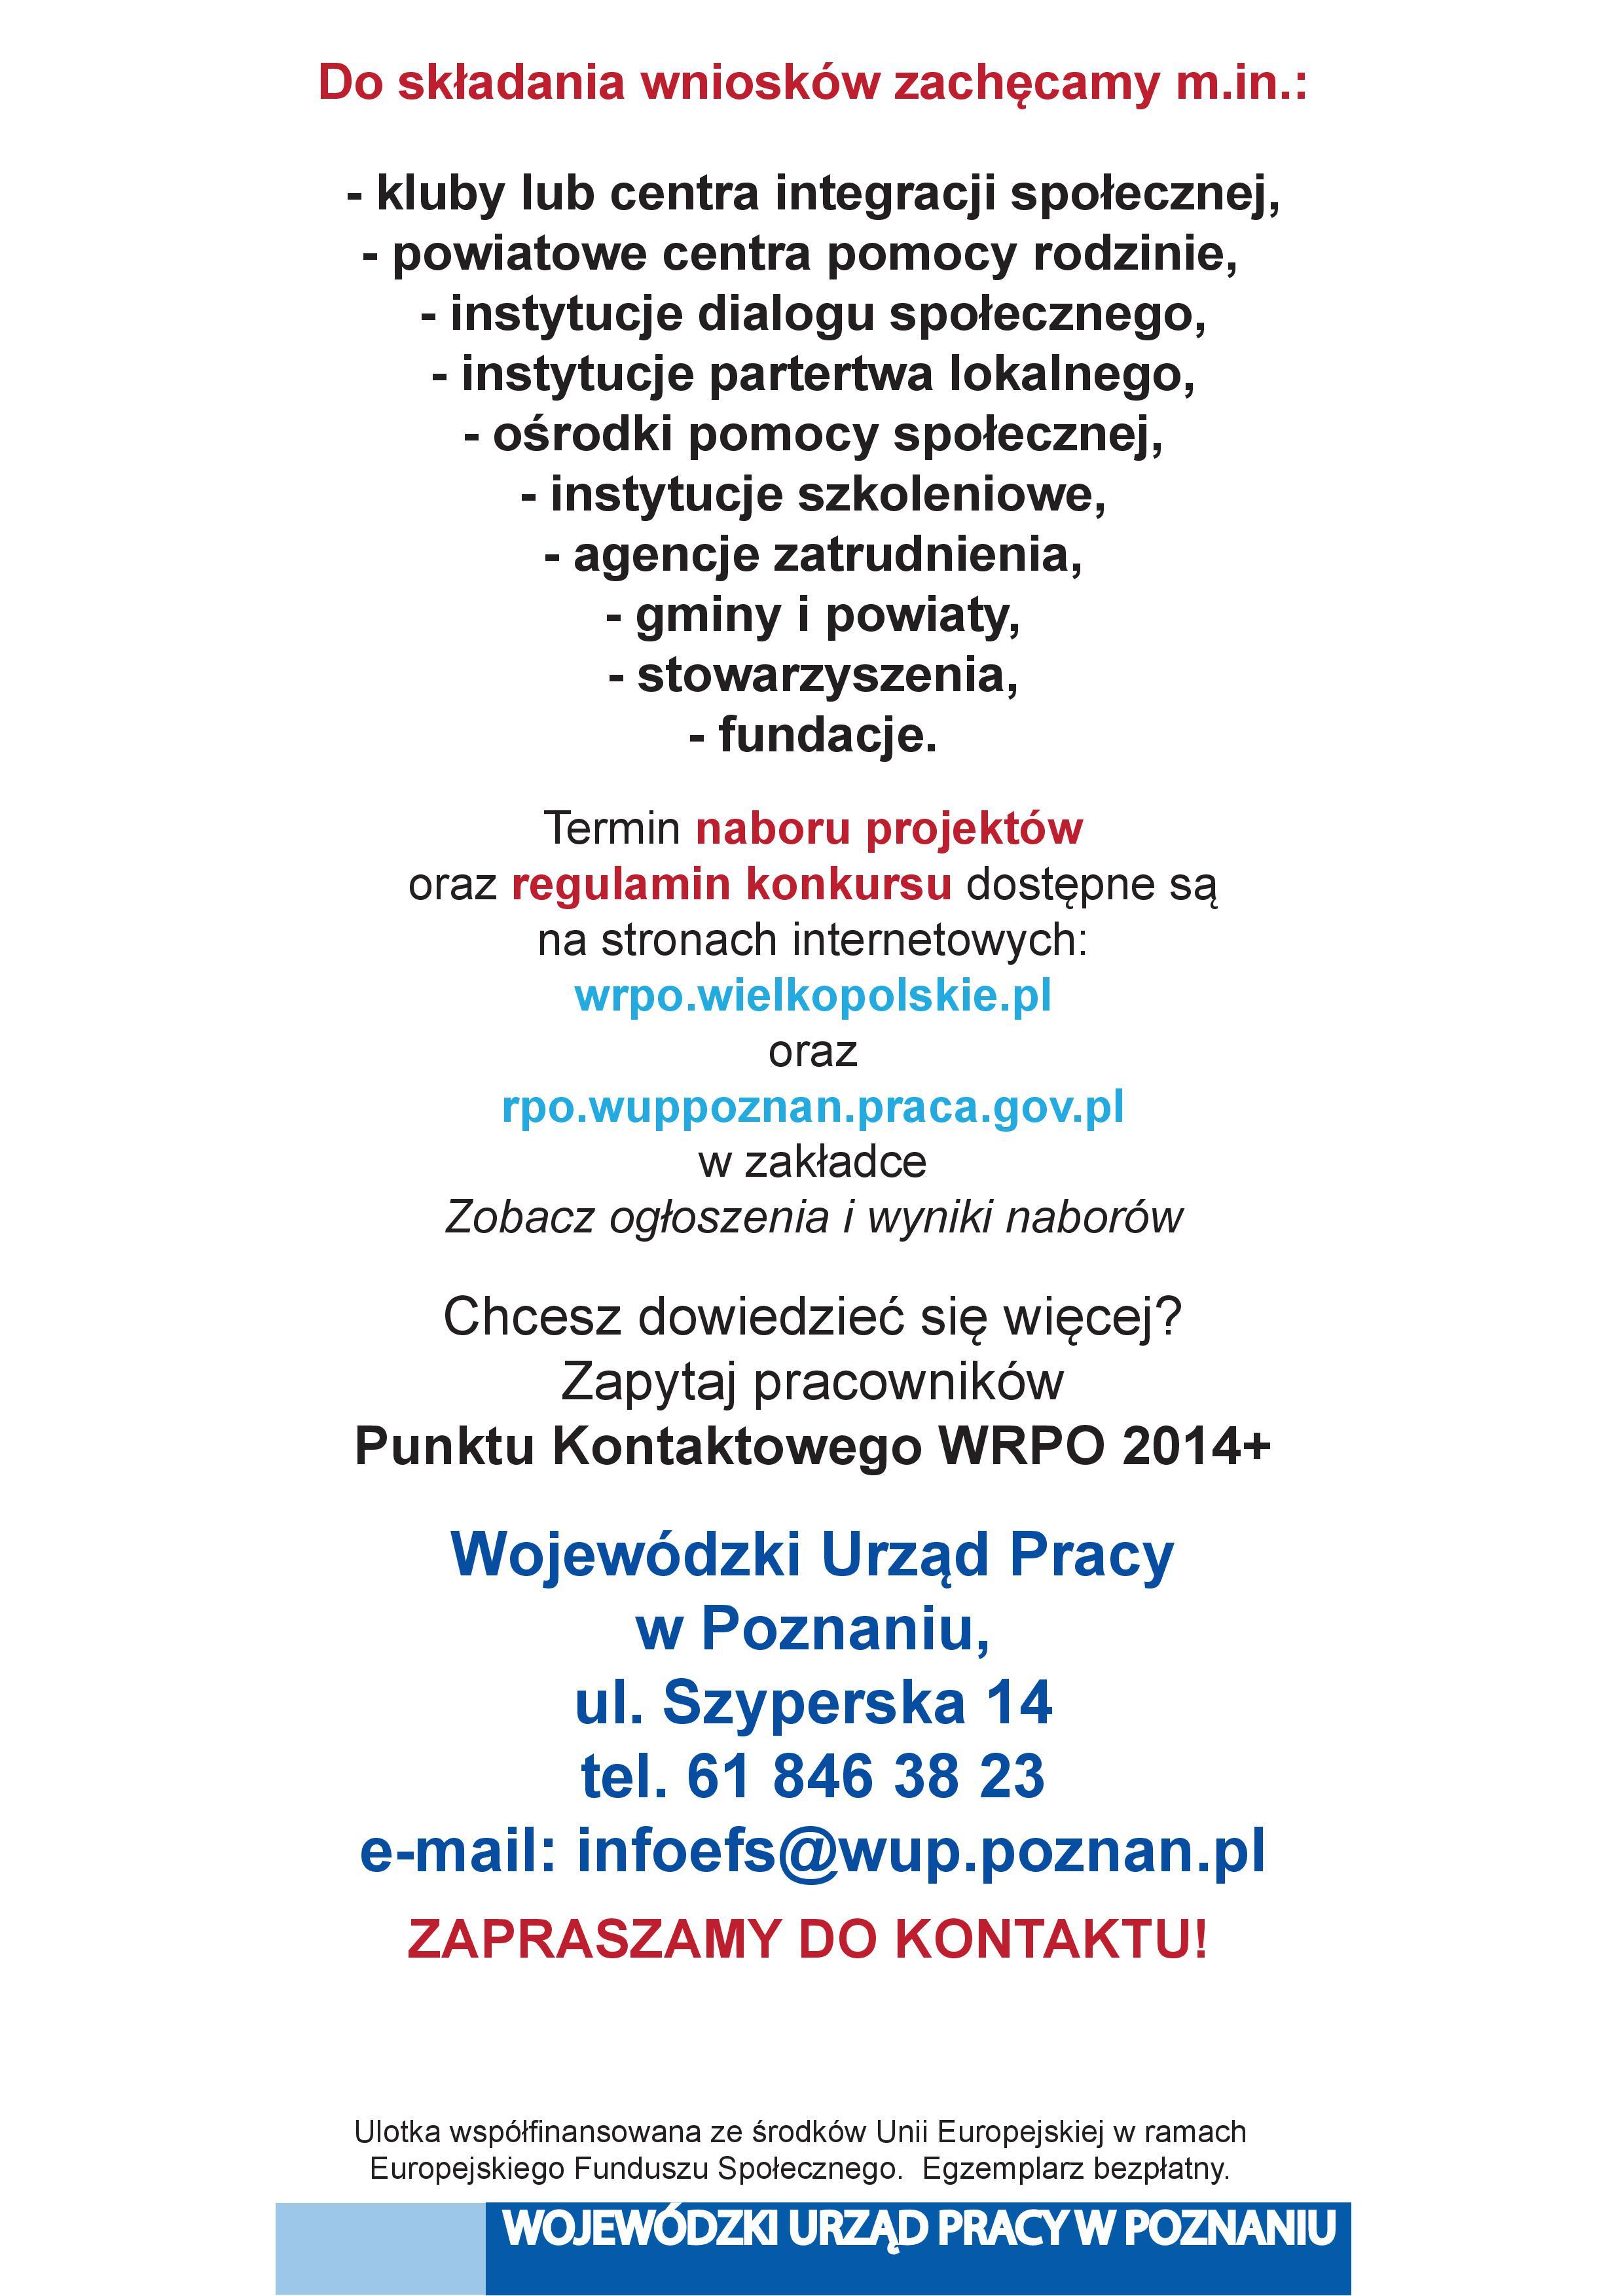 Ulotka promująca konkurs 7.1.2 WRPO 2014  (2017)2